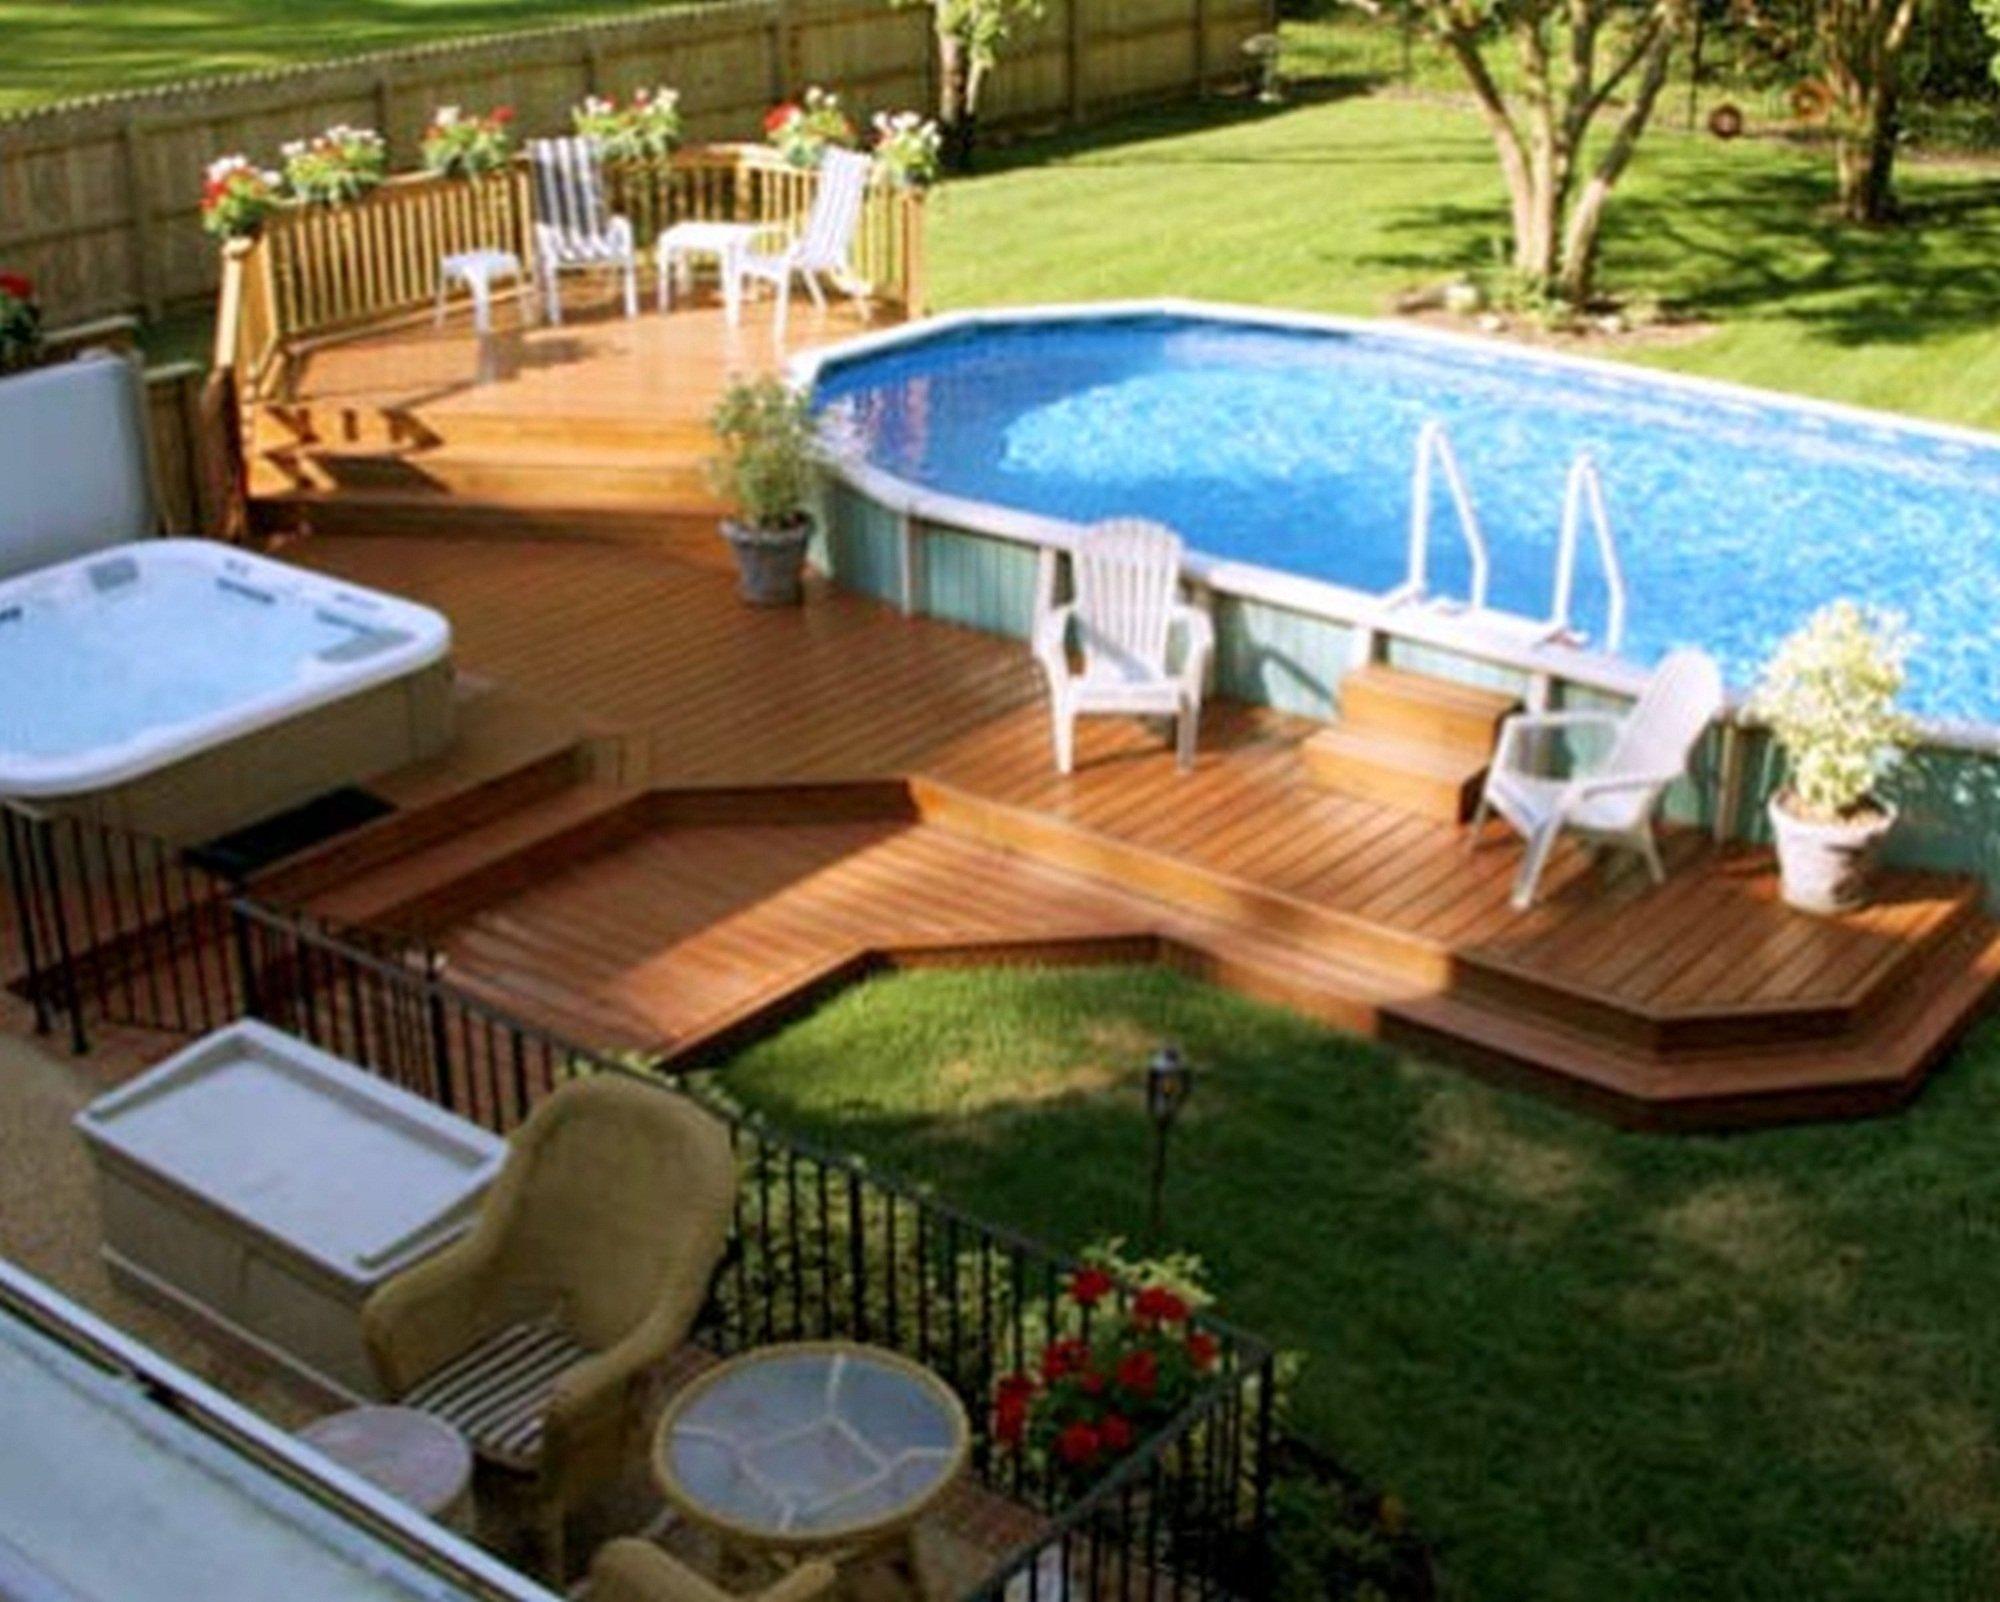 10 Stylish Above Ground Pool Landscape Ideas 19 above ground pool landscaping electrohome with above ground pool 2020